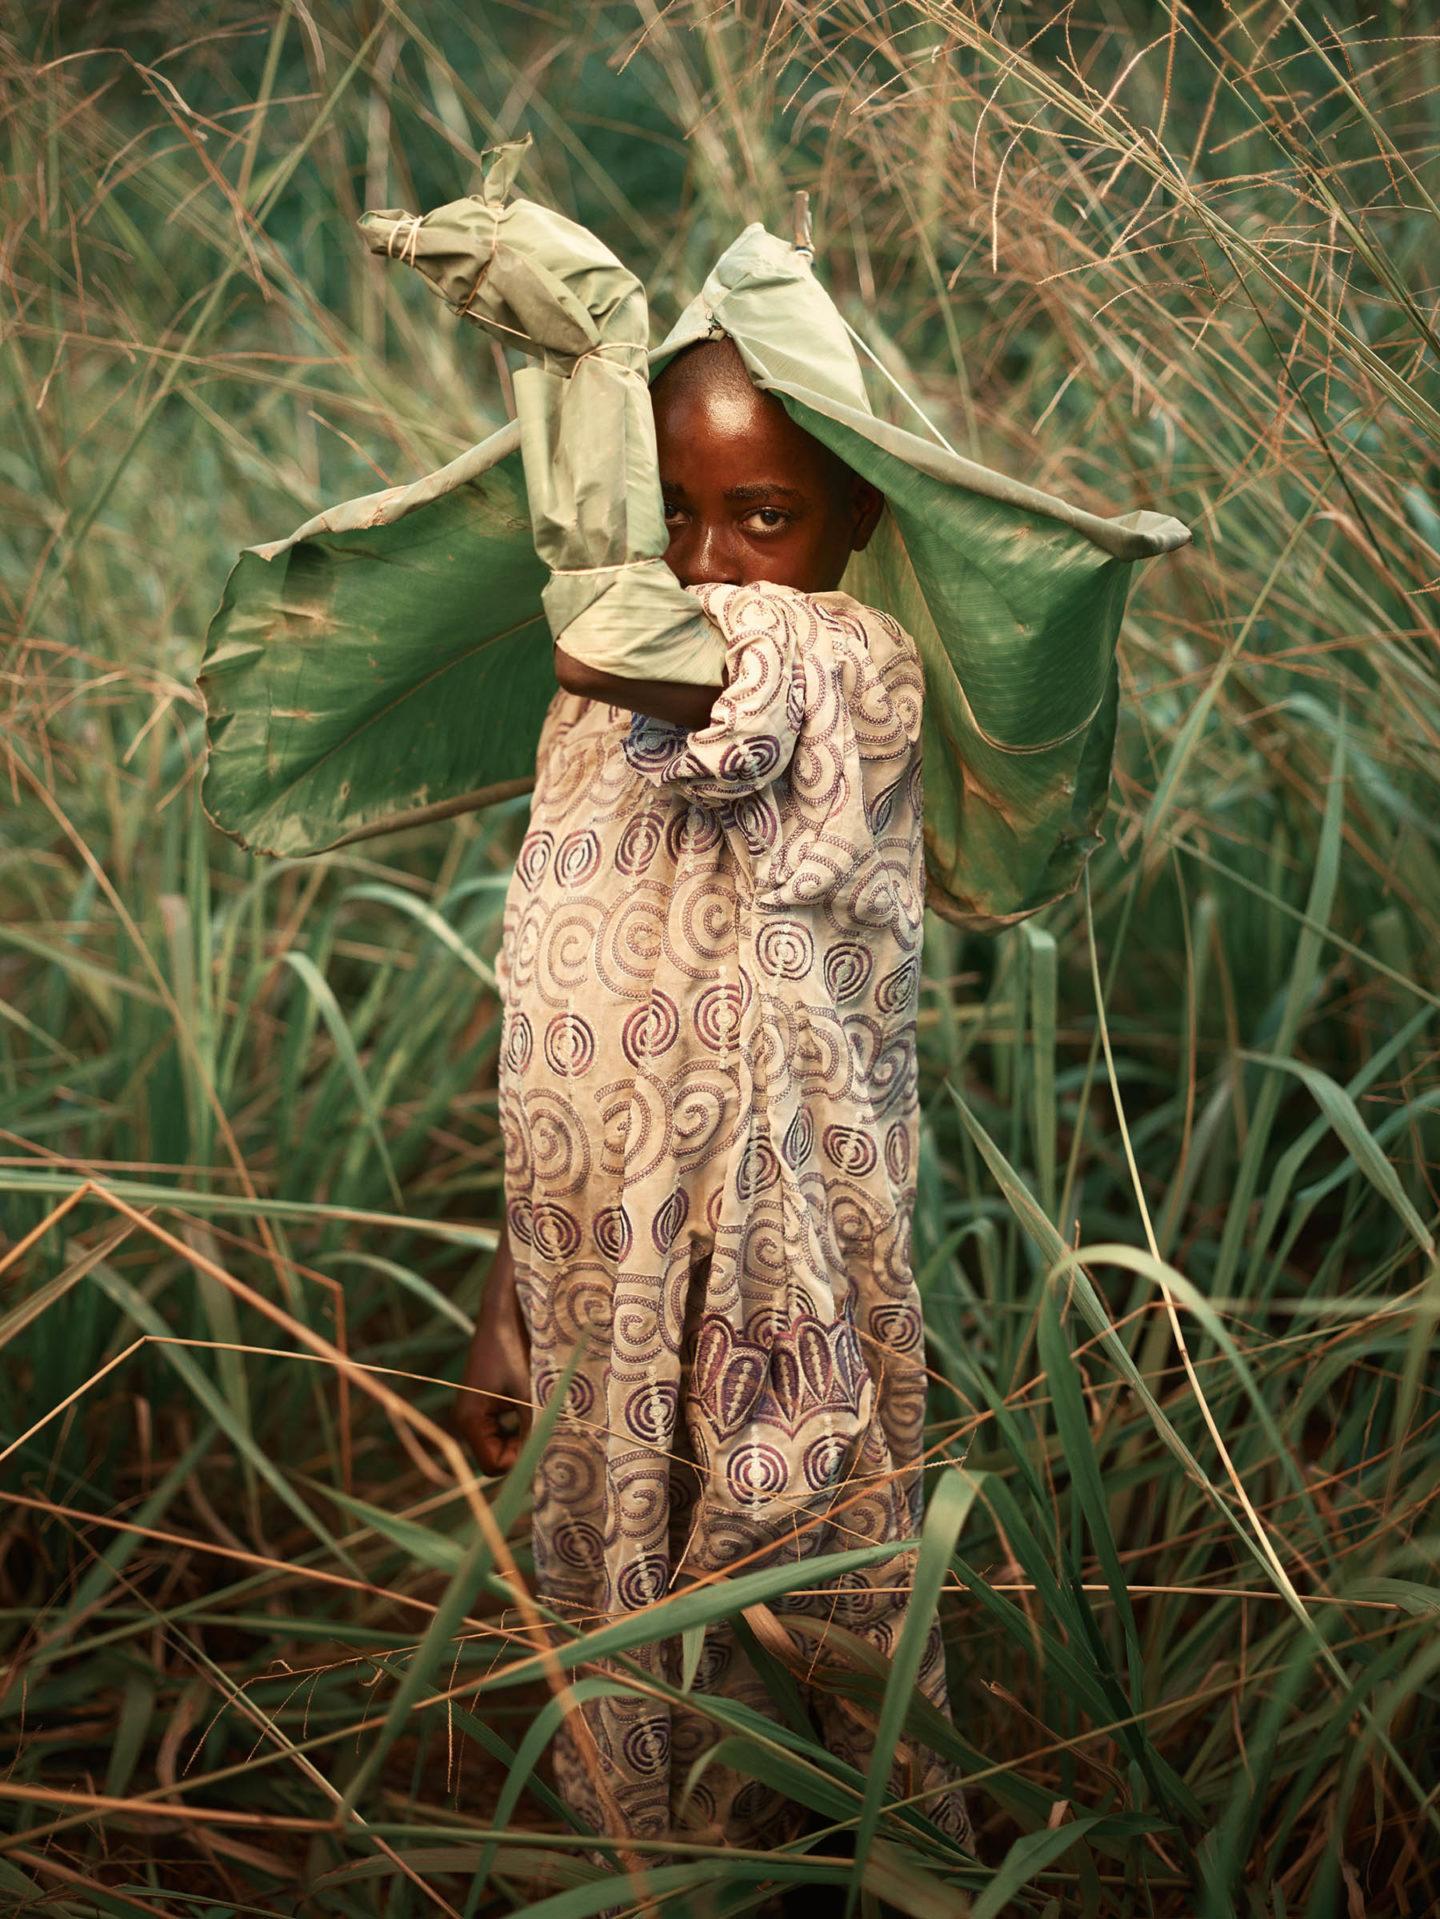 IGNANT-Print-Pieter-Henket-Congo-Tales-81